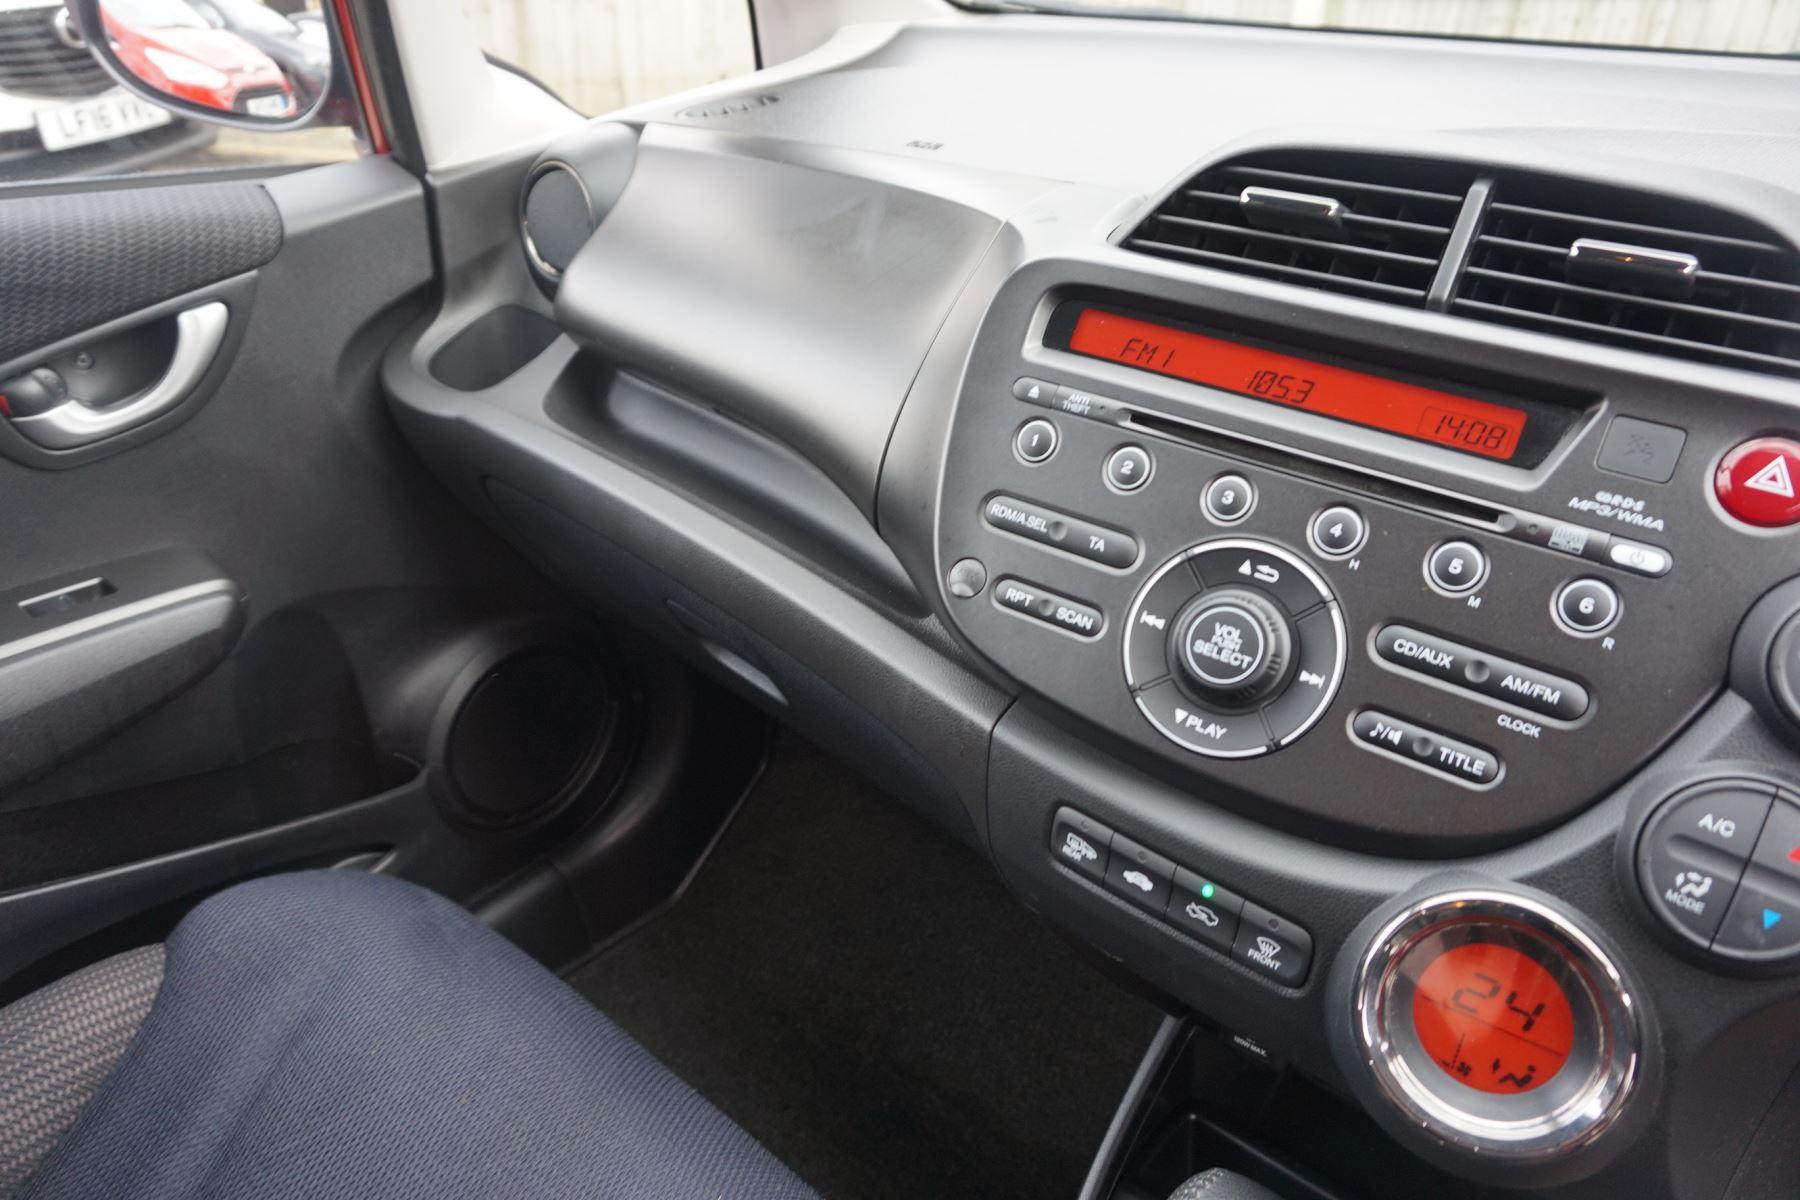 Honda Jazz 1.4 i-VTEC ES Plus CVT image 19